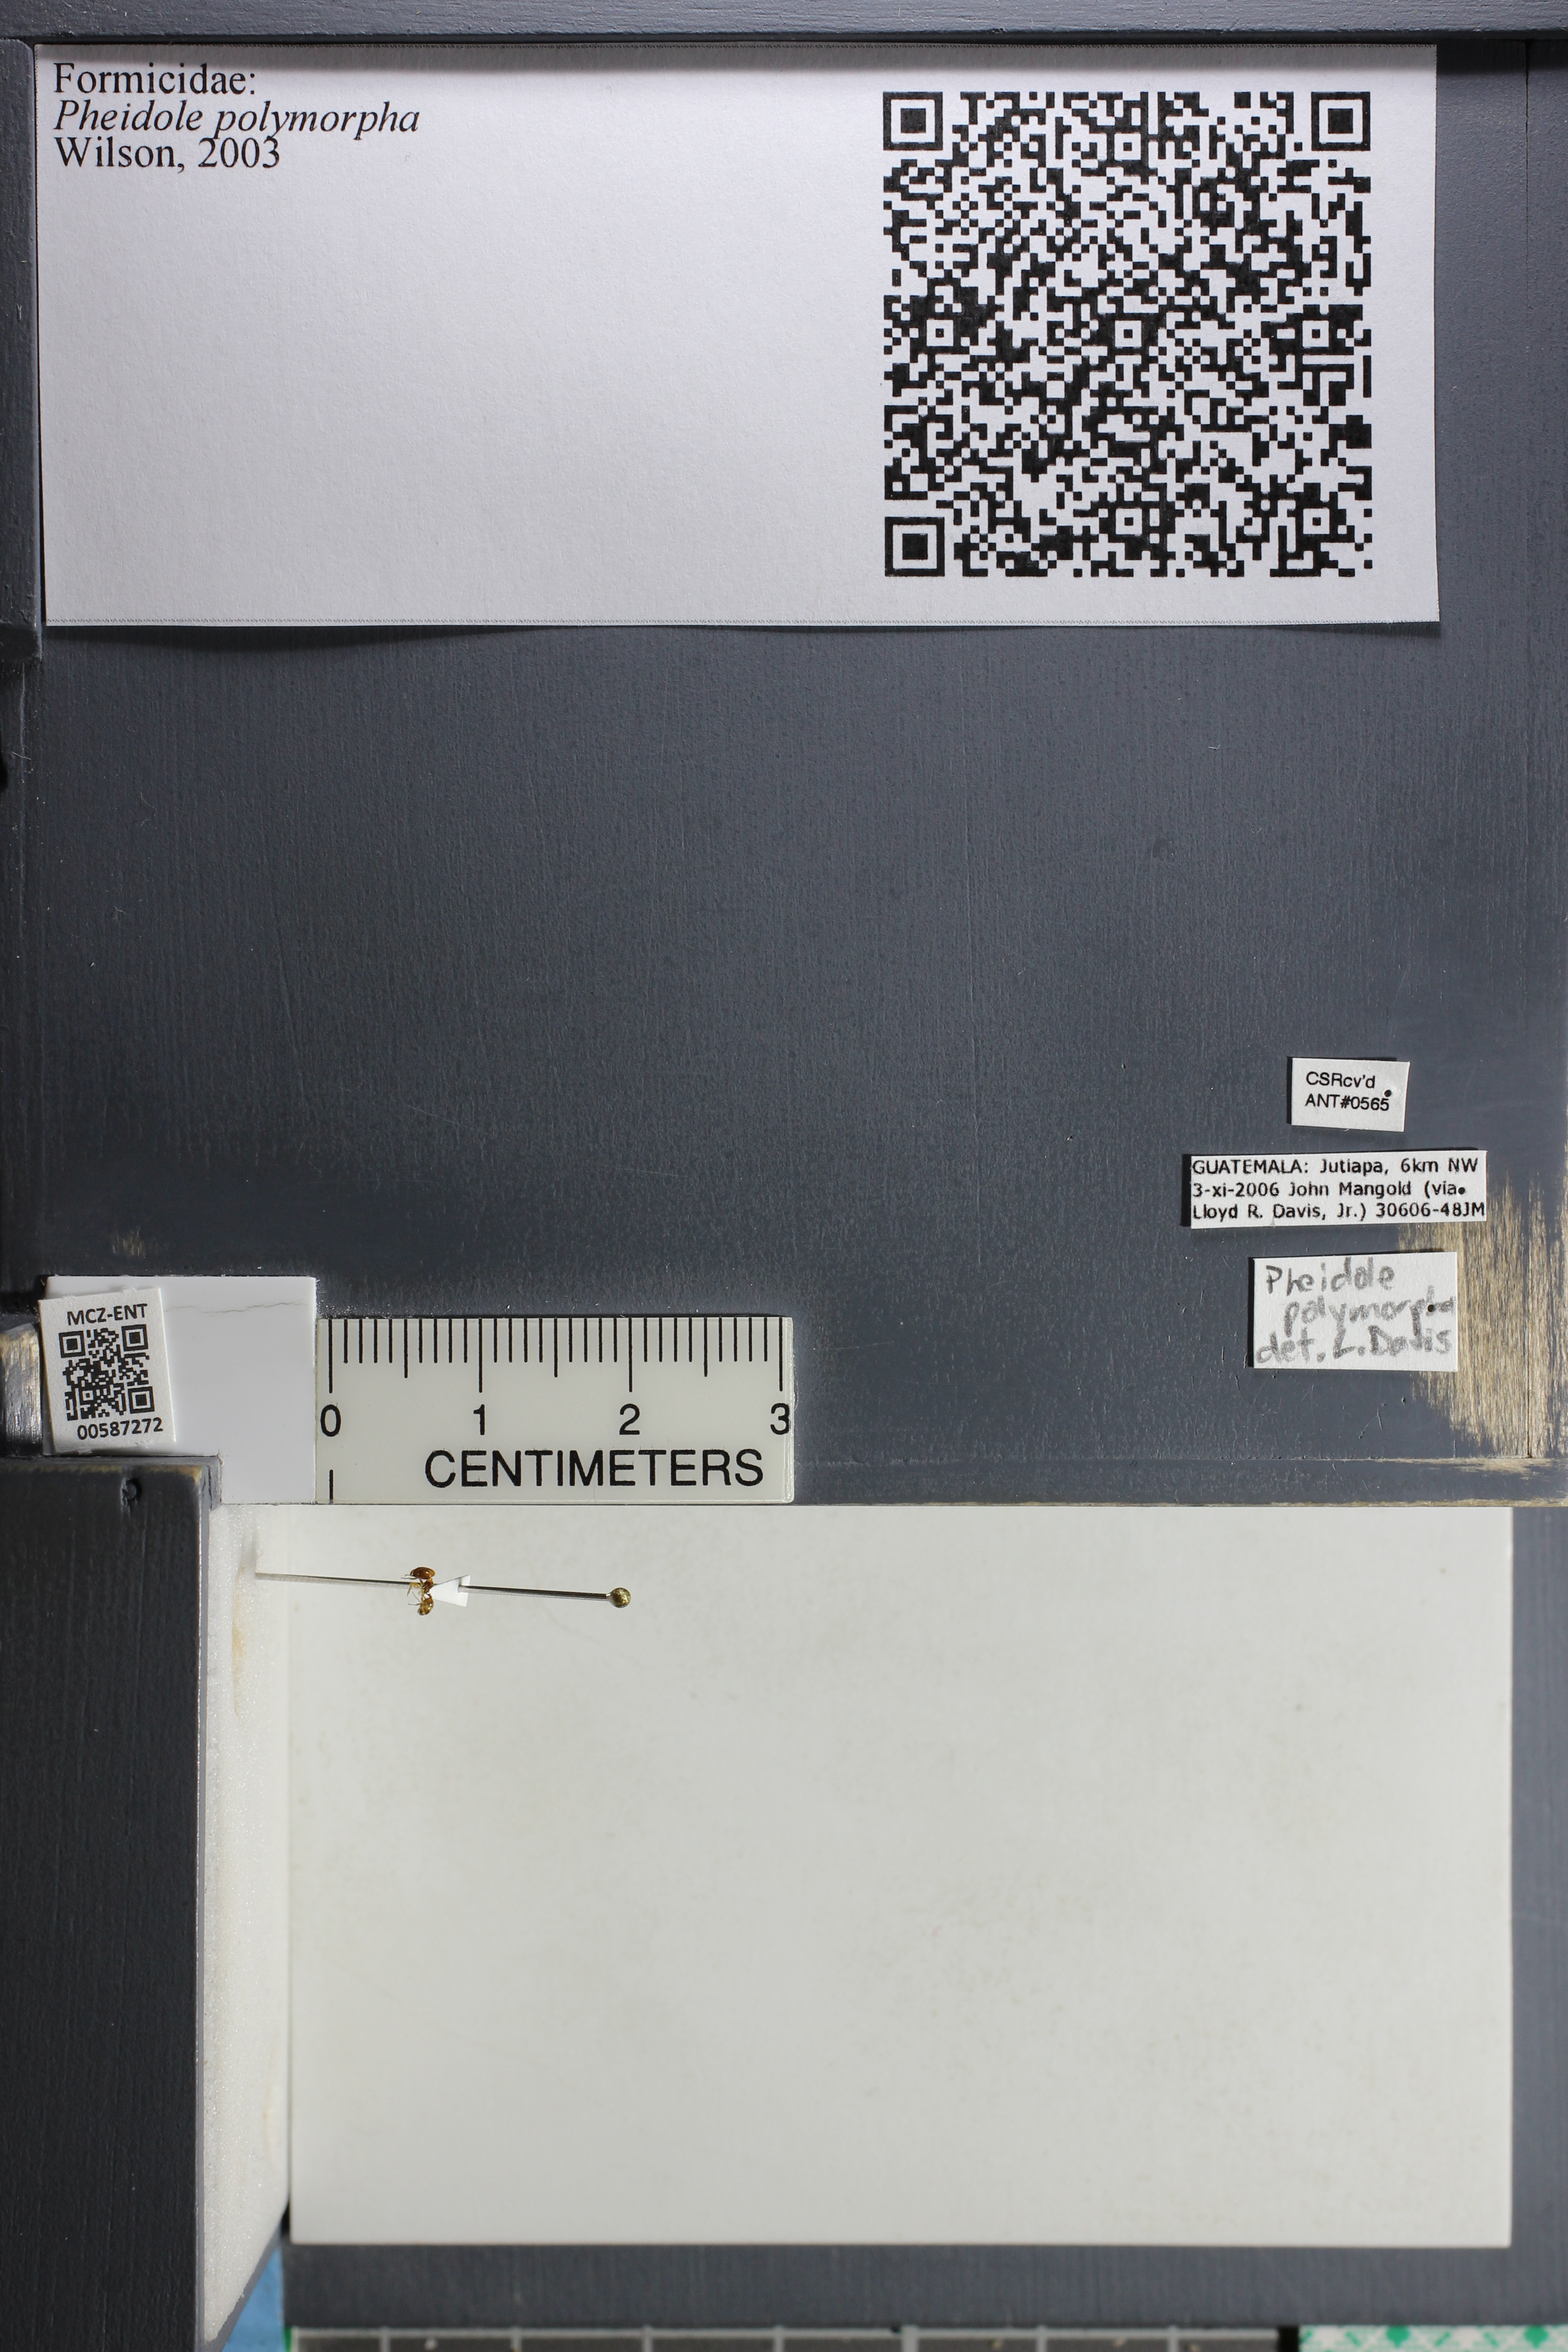 Media of type image, MCZ:Ent:587272 Identified as Pheidole polymorpha.